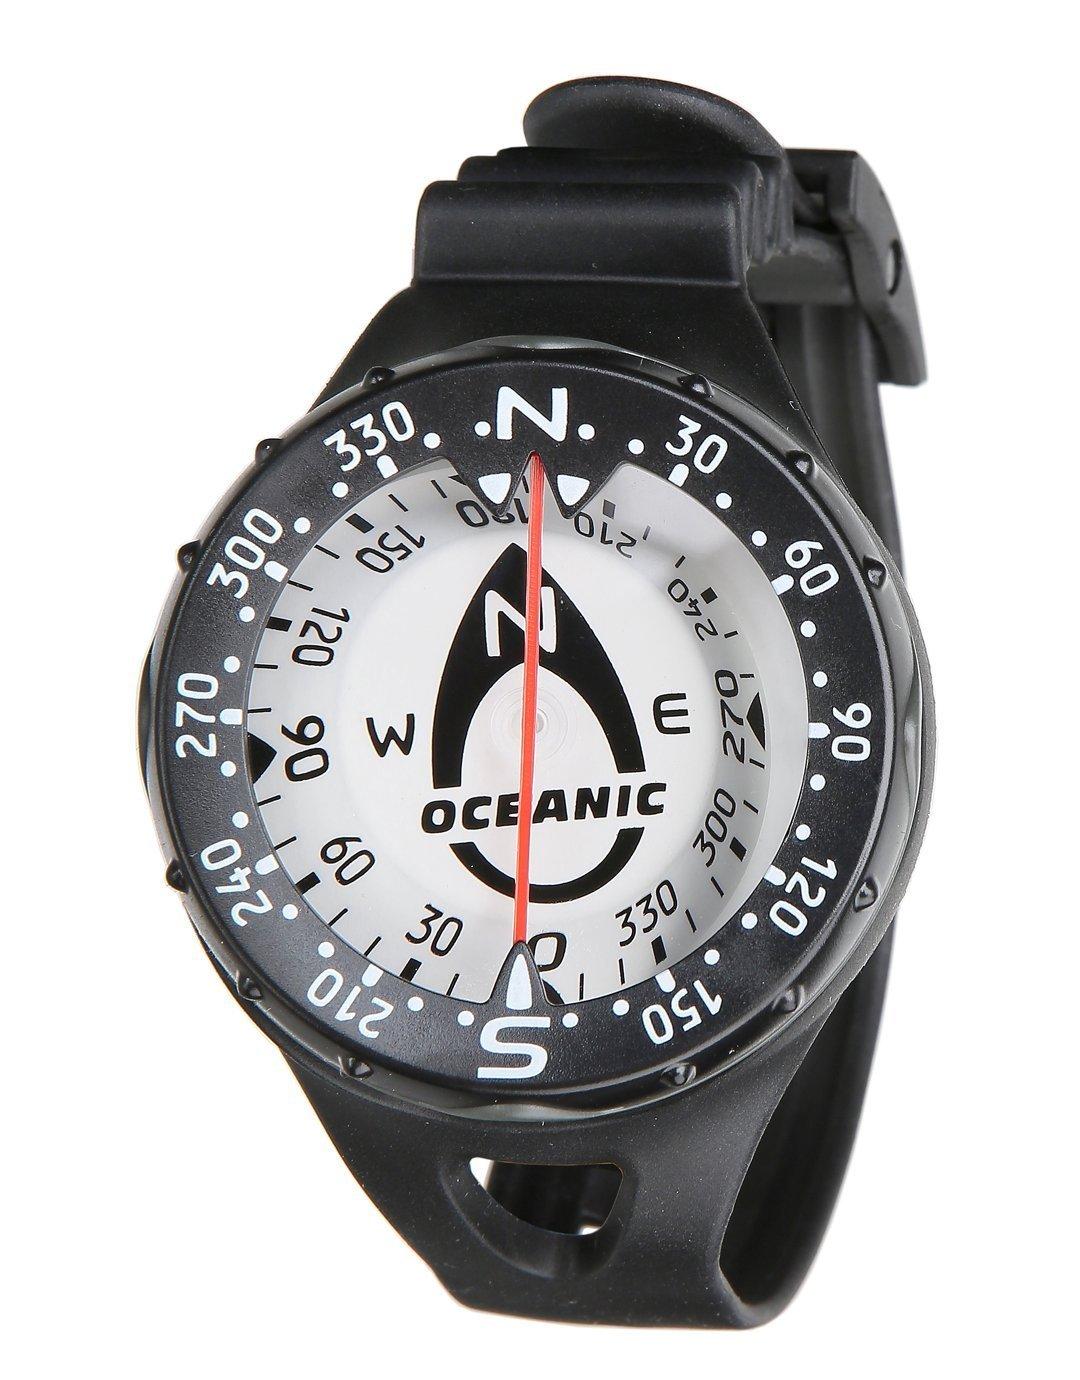 Oceanic Sidescan Compass - Wrist